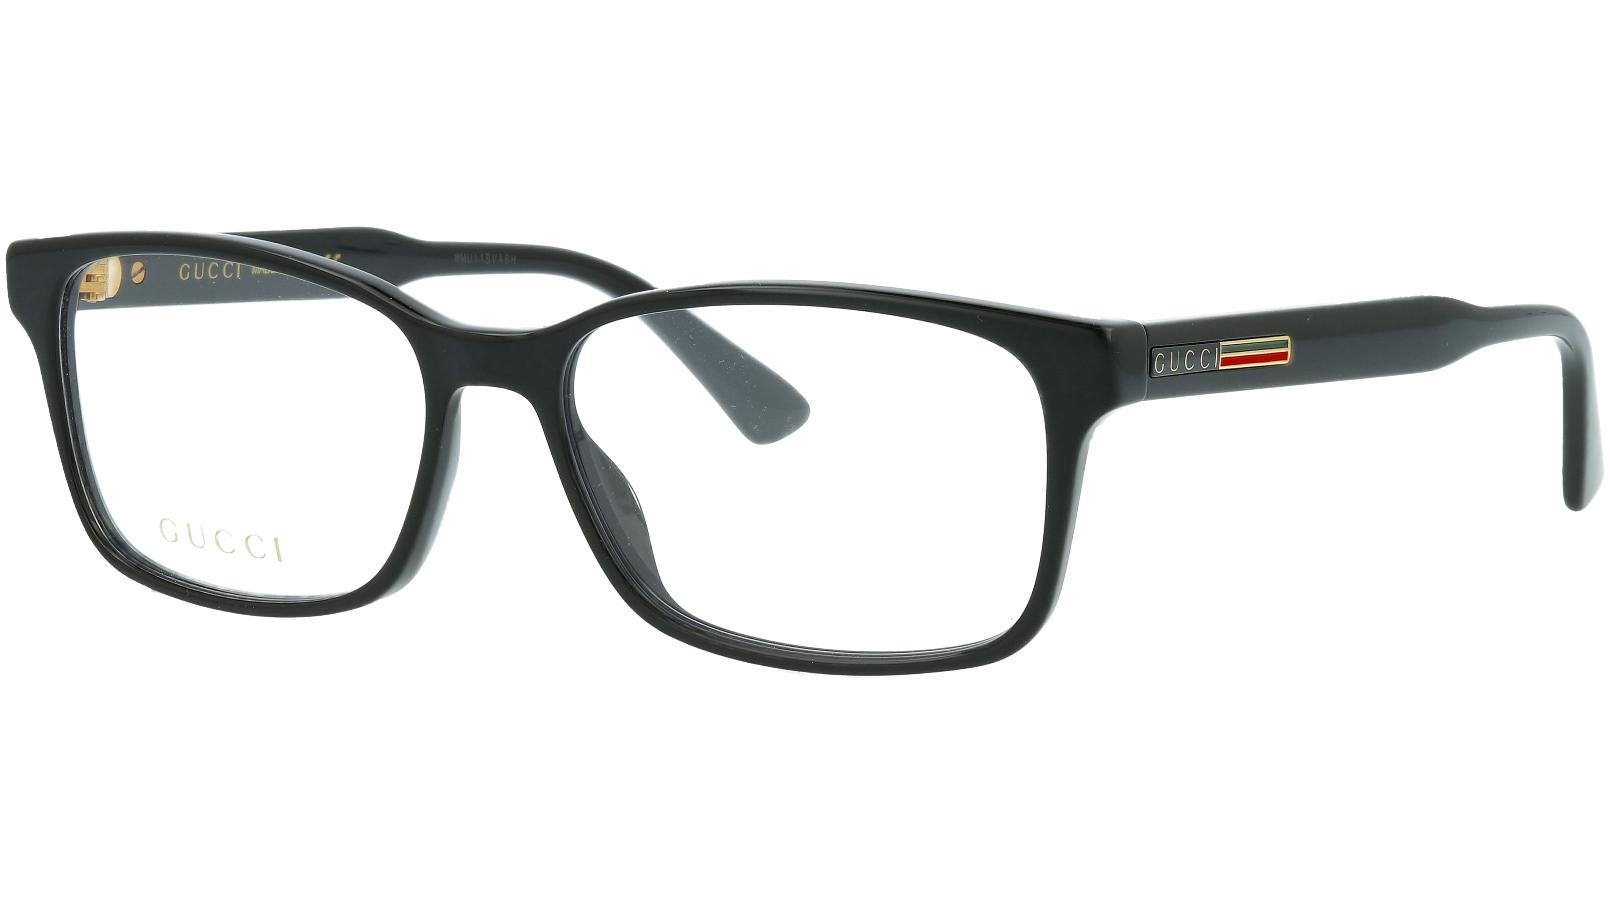 Gucci GG0826O 004 55 Black Glasses